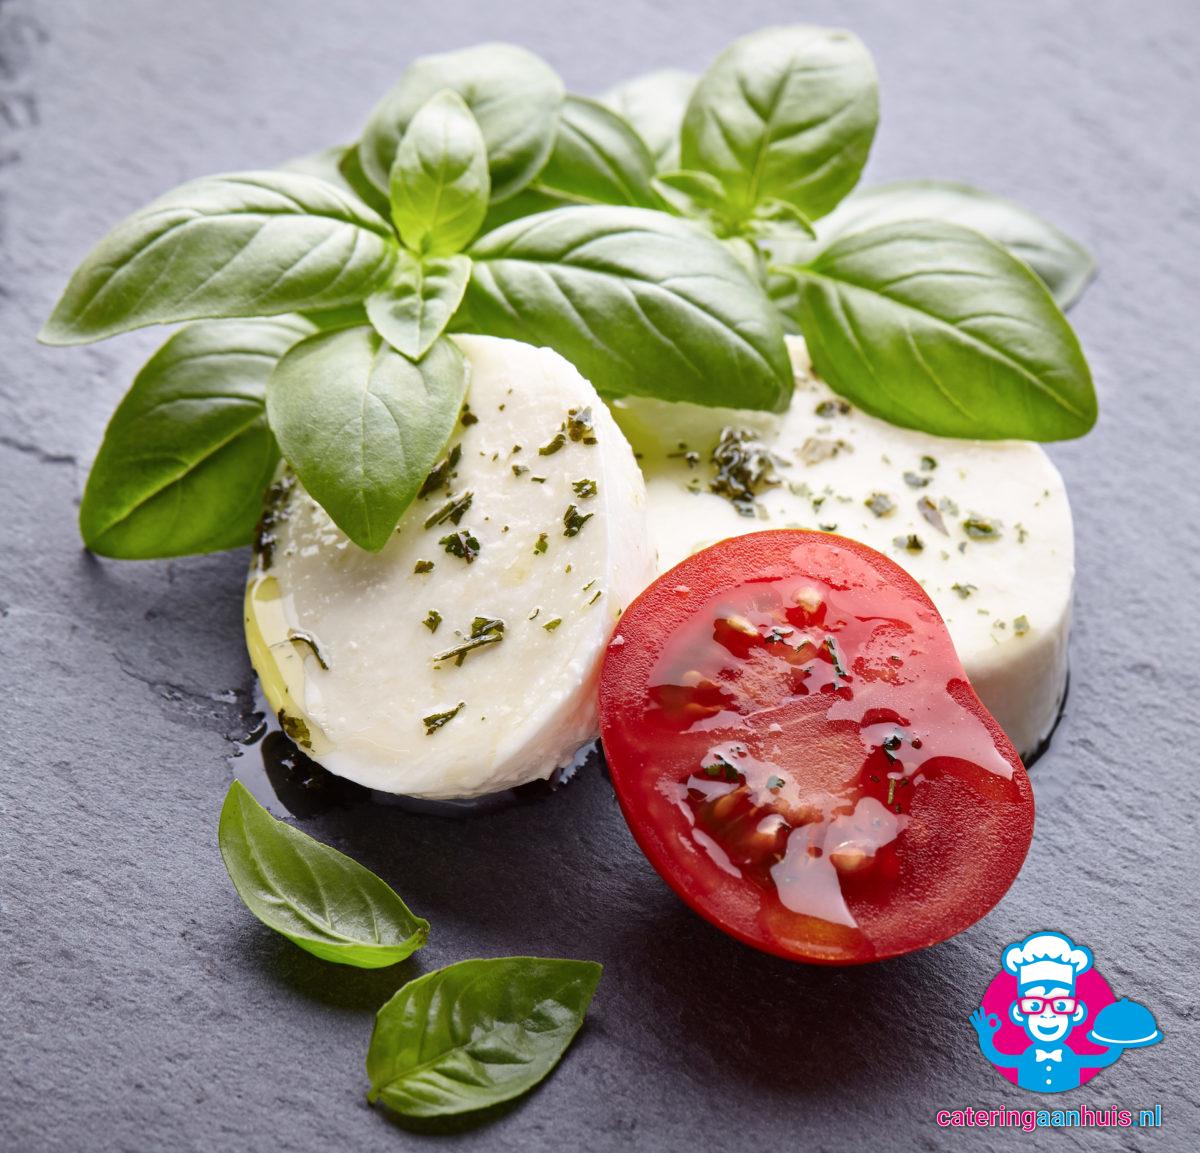 mozzarella tomaat caprese salade bestellen - Catering aan huis